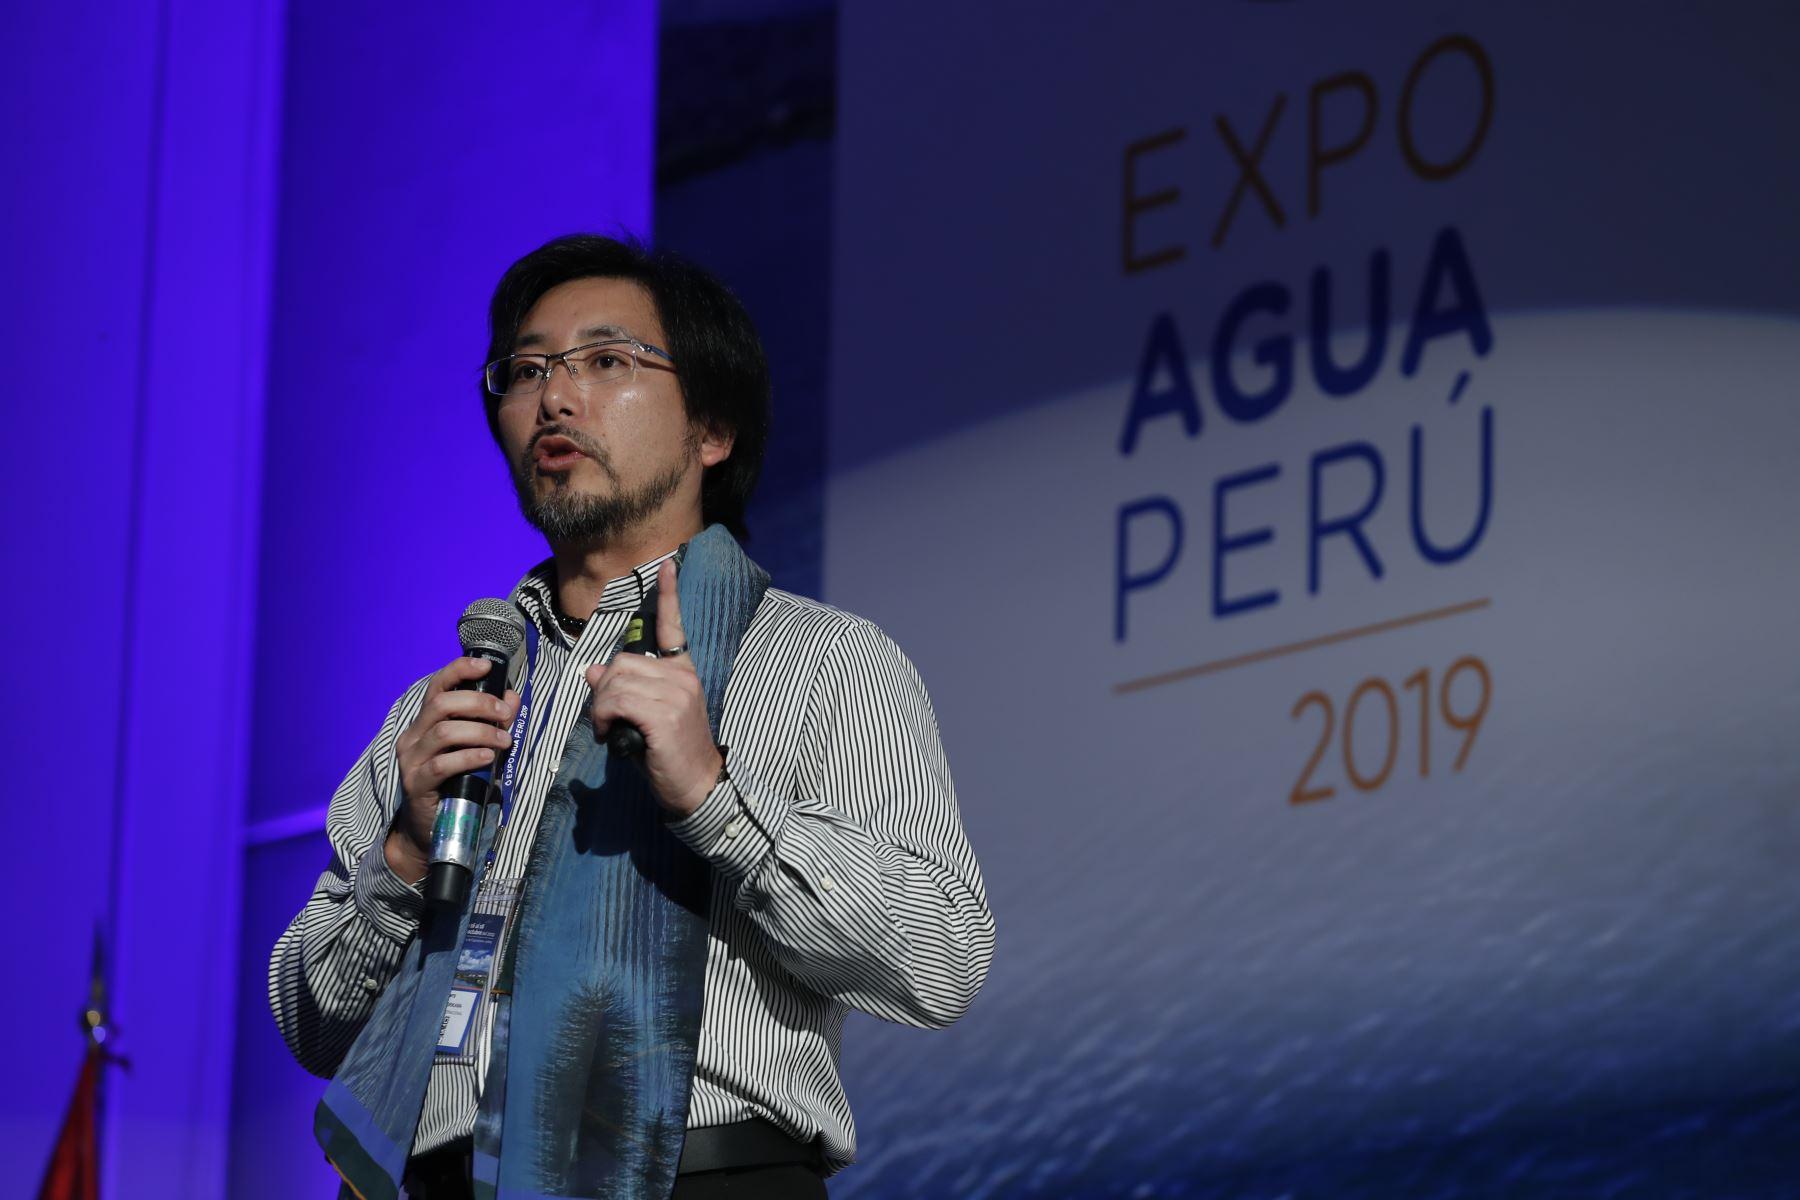 El reconocido científico, Marino Morikawa Sakura, expone durante clausura de Expo Agua Perú 2019. Foto: ANDINA/Renato Pajuelo